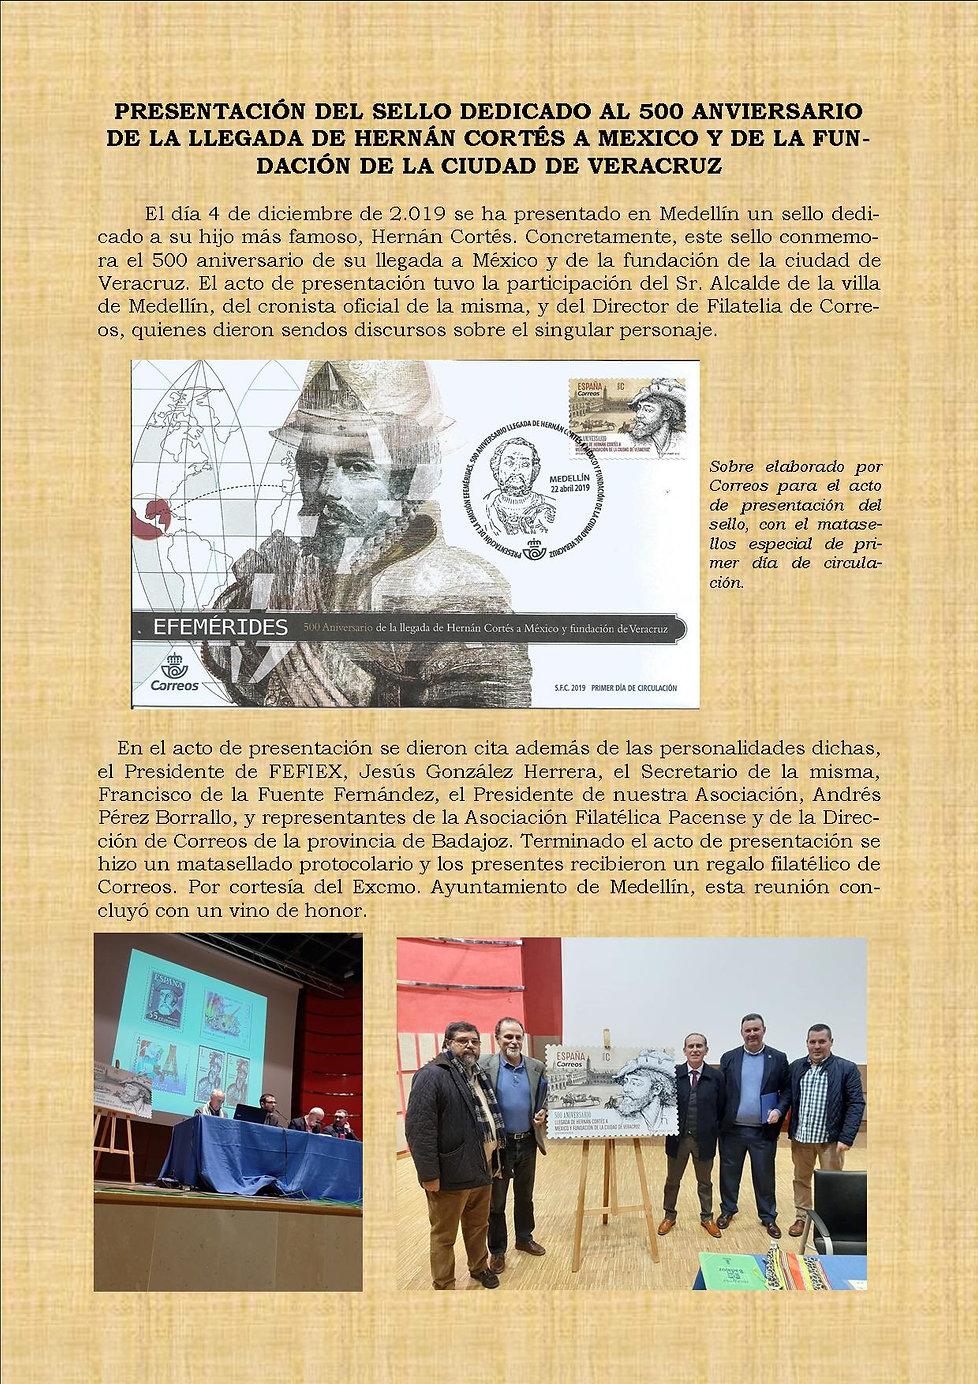 Noticia_Presentación_sello_Hernán_Cortés